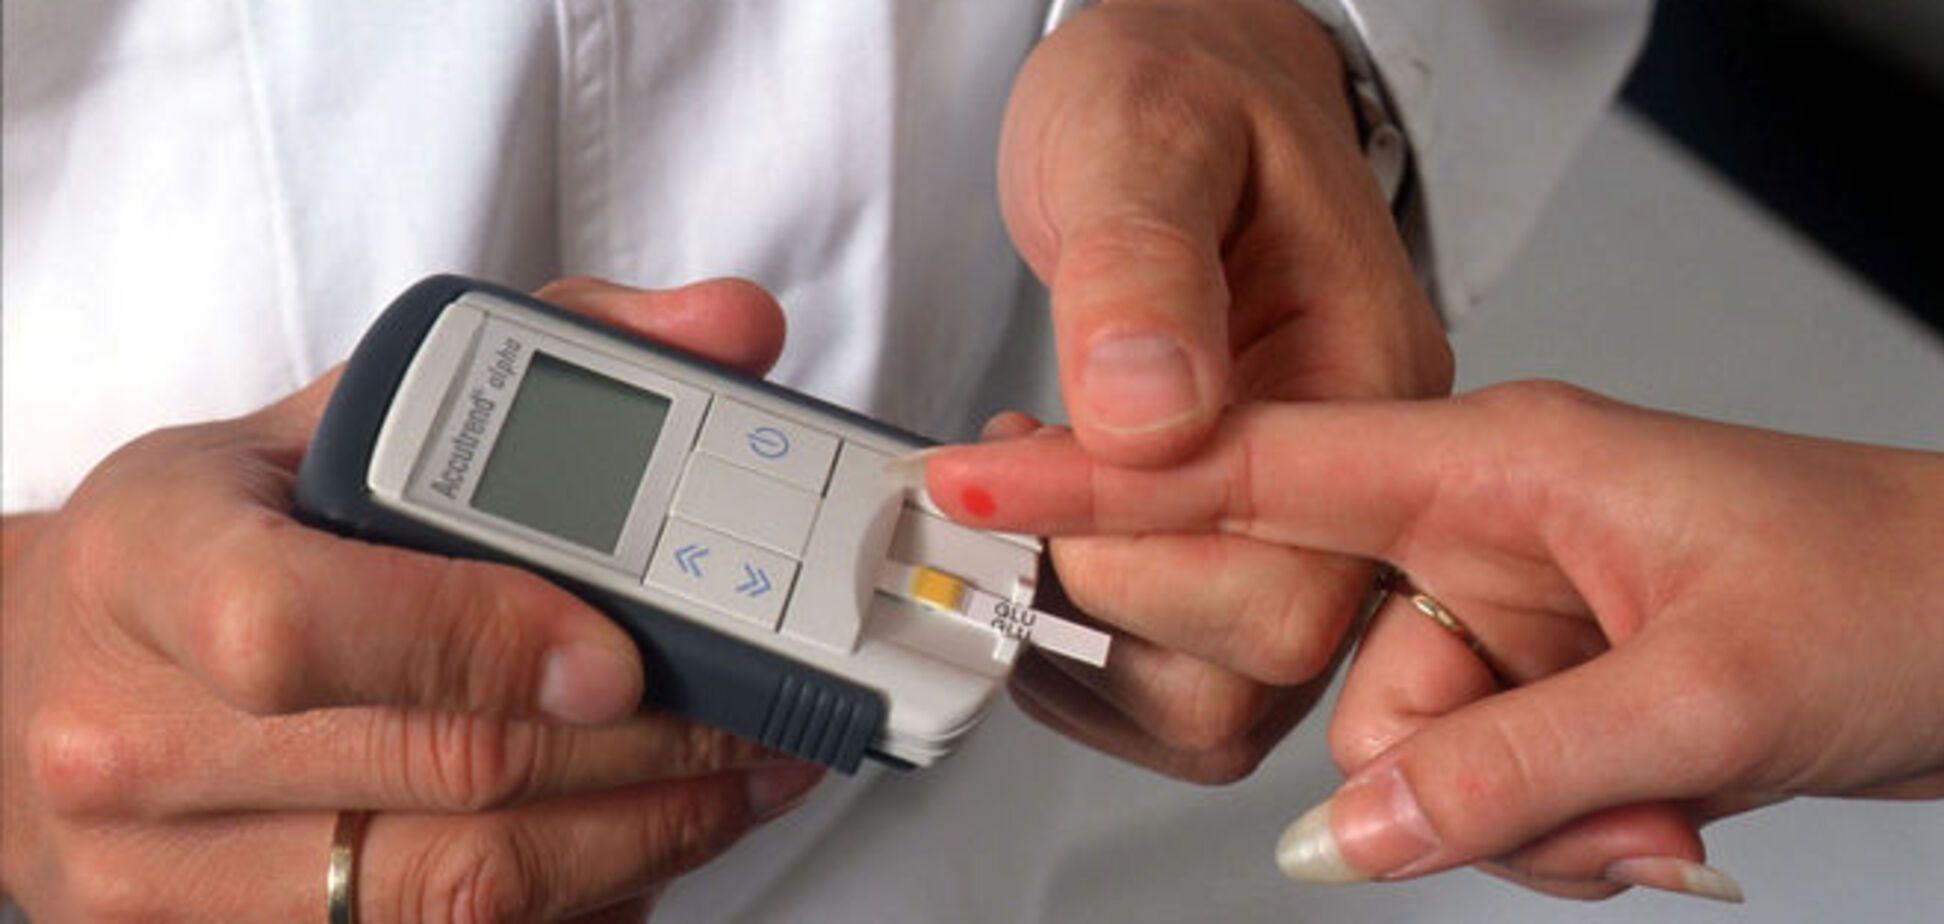 Ученые открыли 8 лучших способов снизить уровень сахара в крови